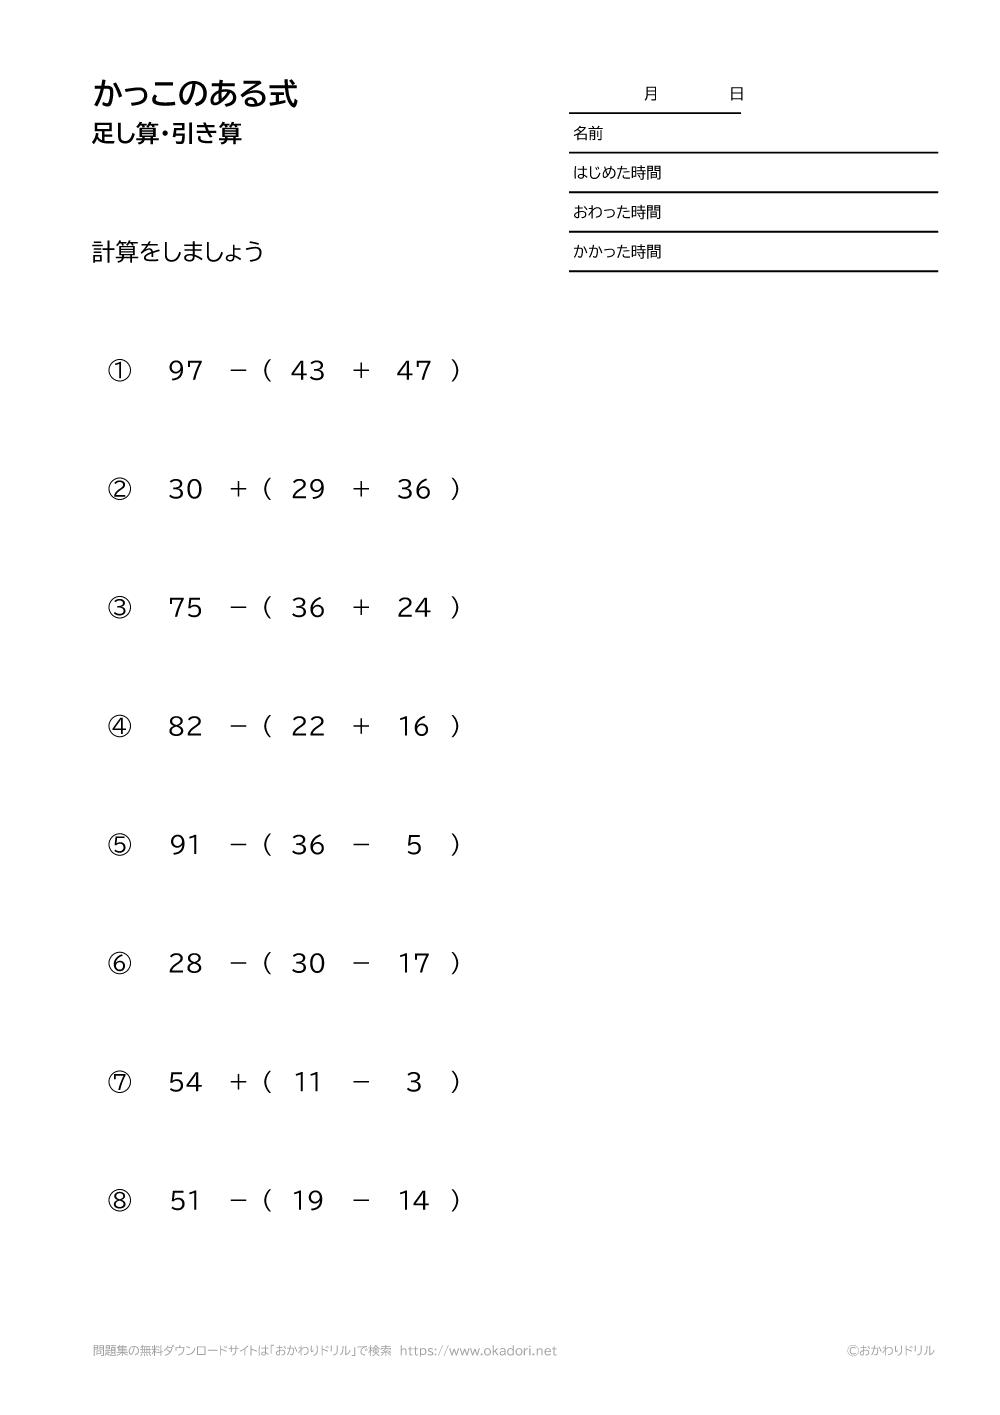 かっこのある式-足し算・引き算-1